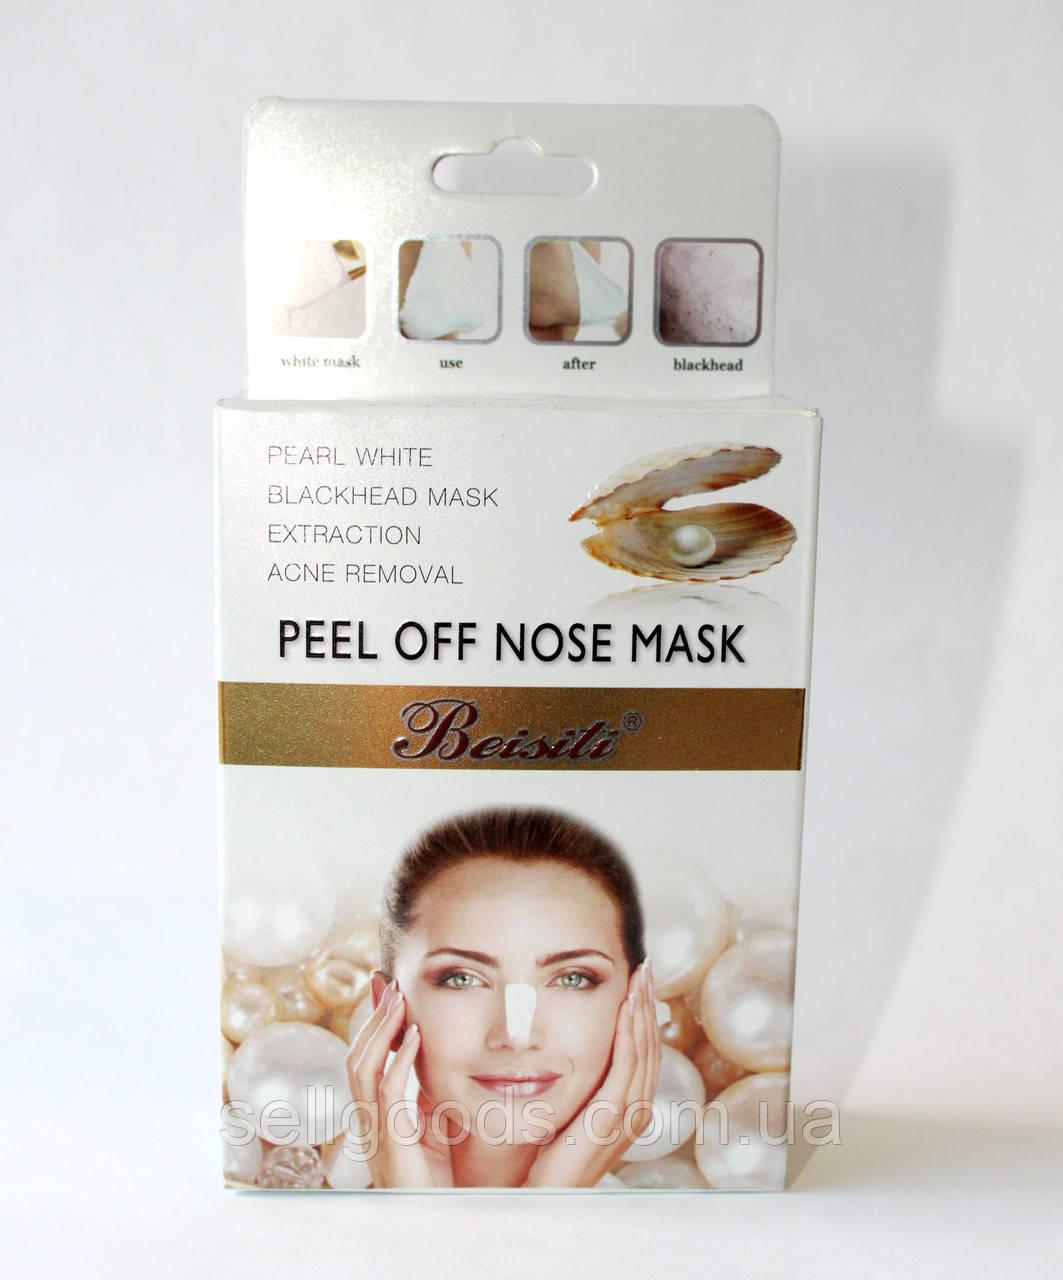 Очищающая белая маска Beisiti для носа